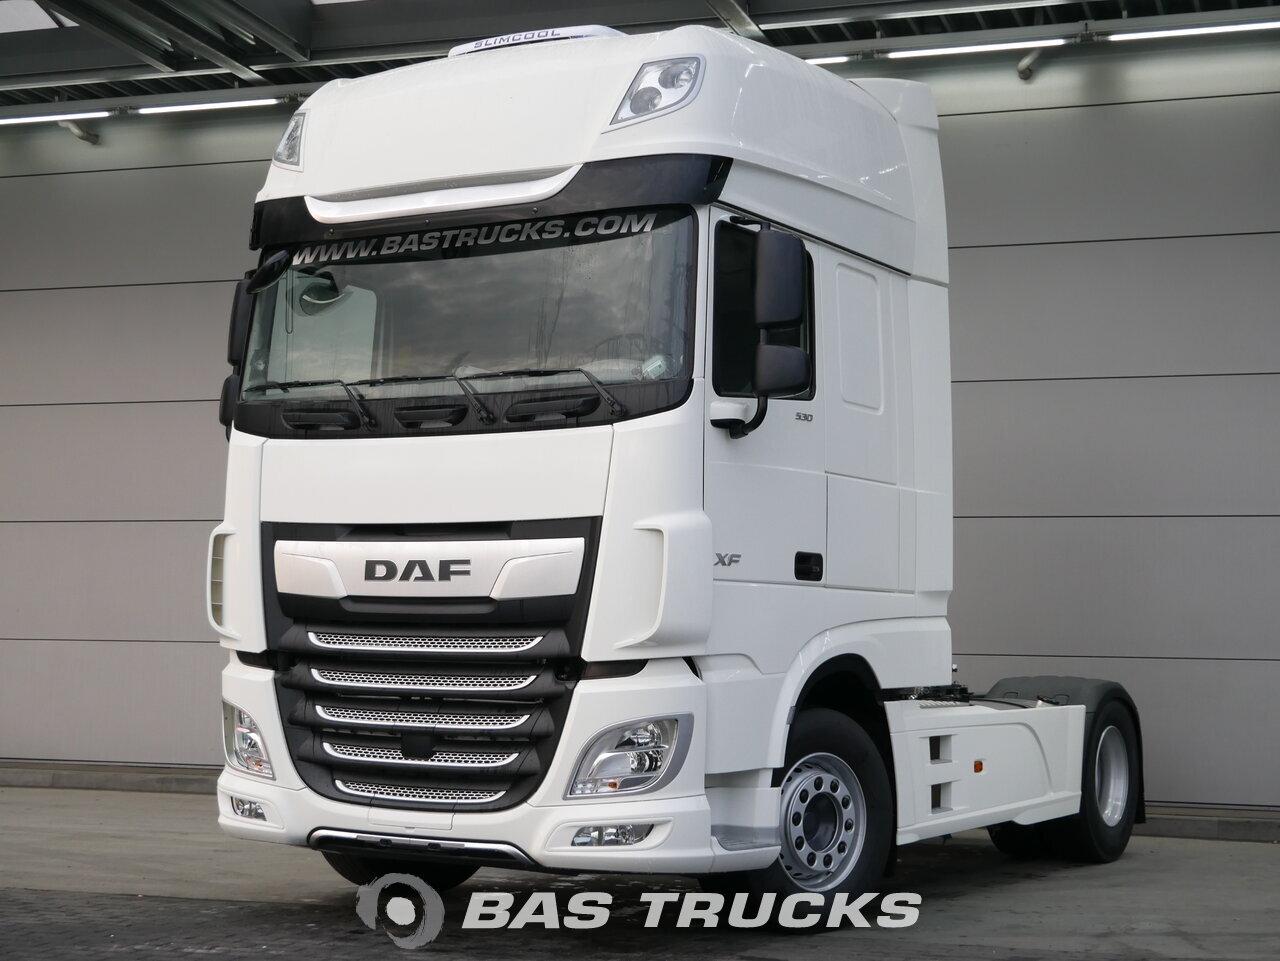 DAF XF 20 Neu SZM   BAS Trucks